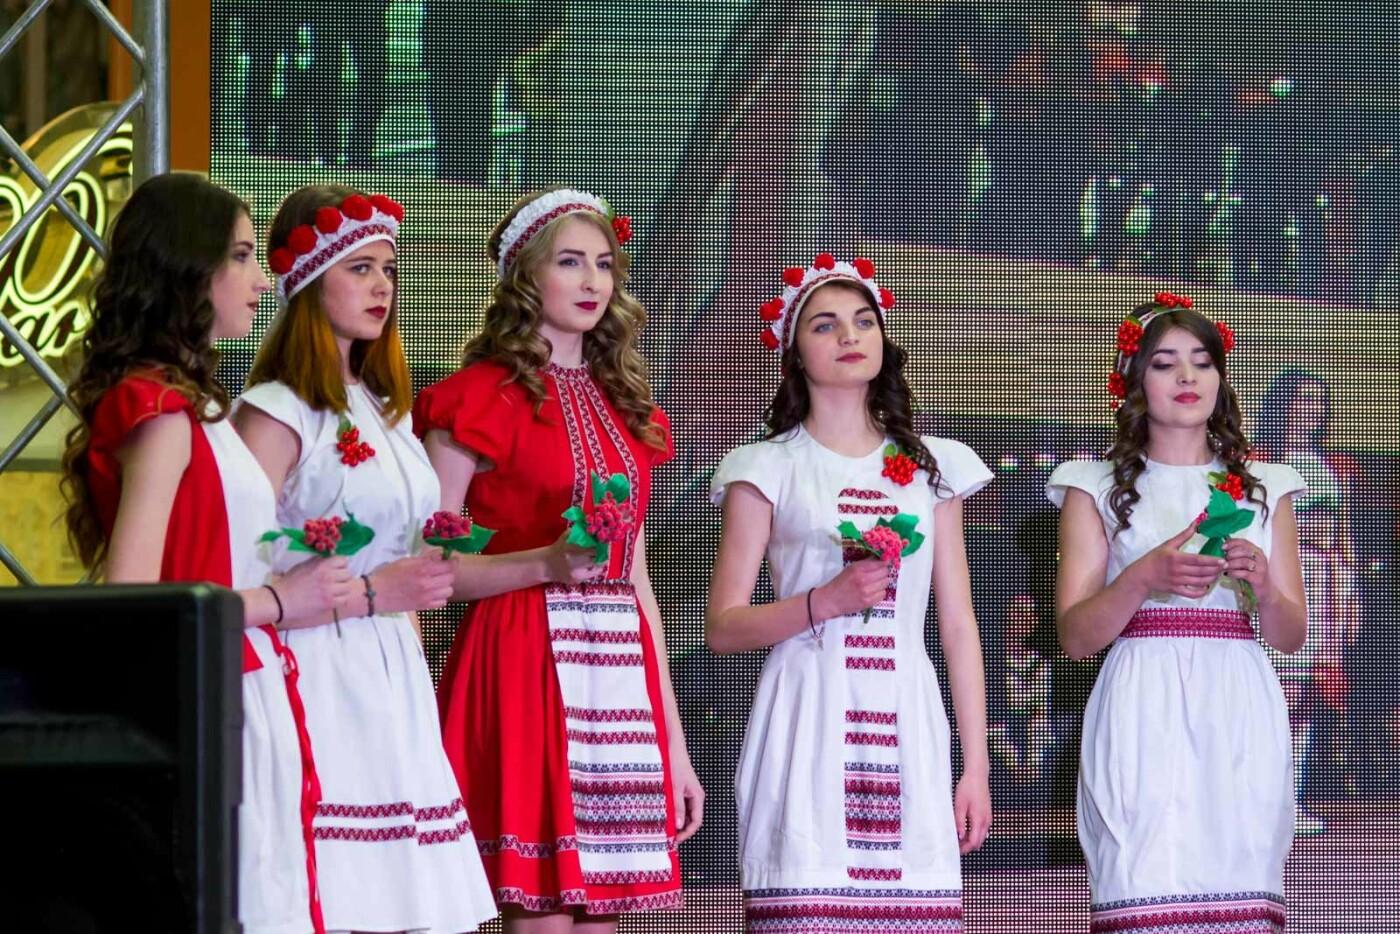 У Тернополі відбувся конкурс колекцій молодих дизайнерів одягу «Альтернатива» (фото), фото-5